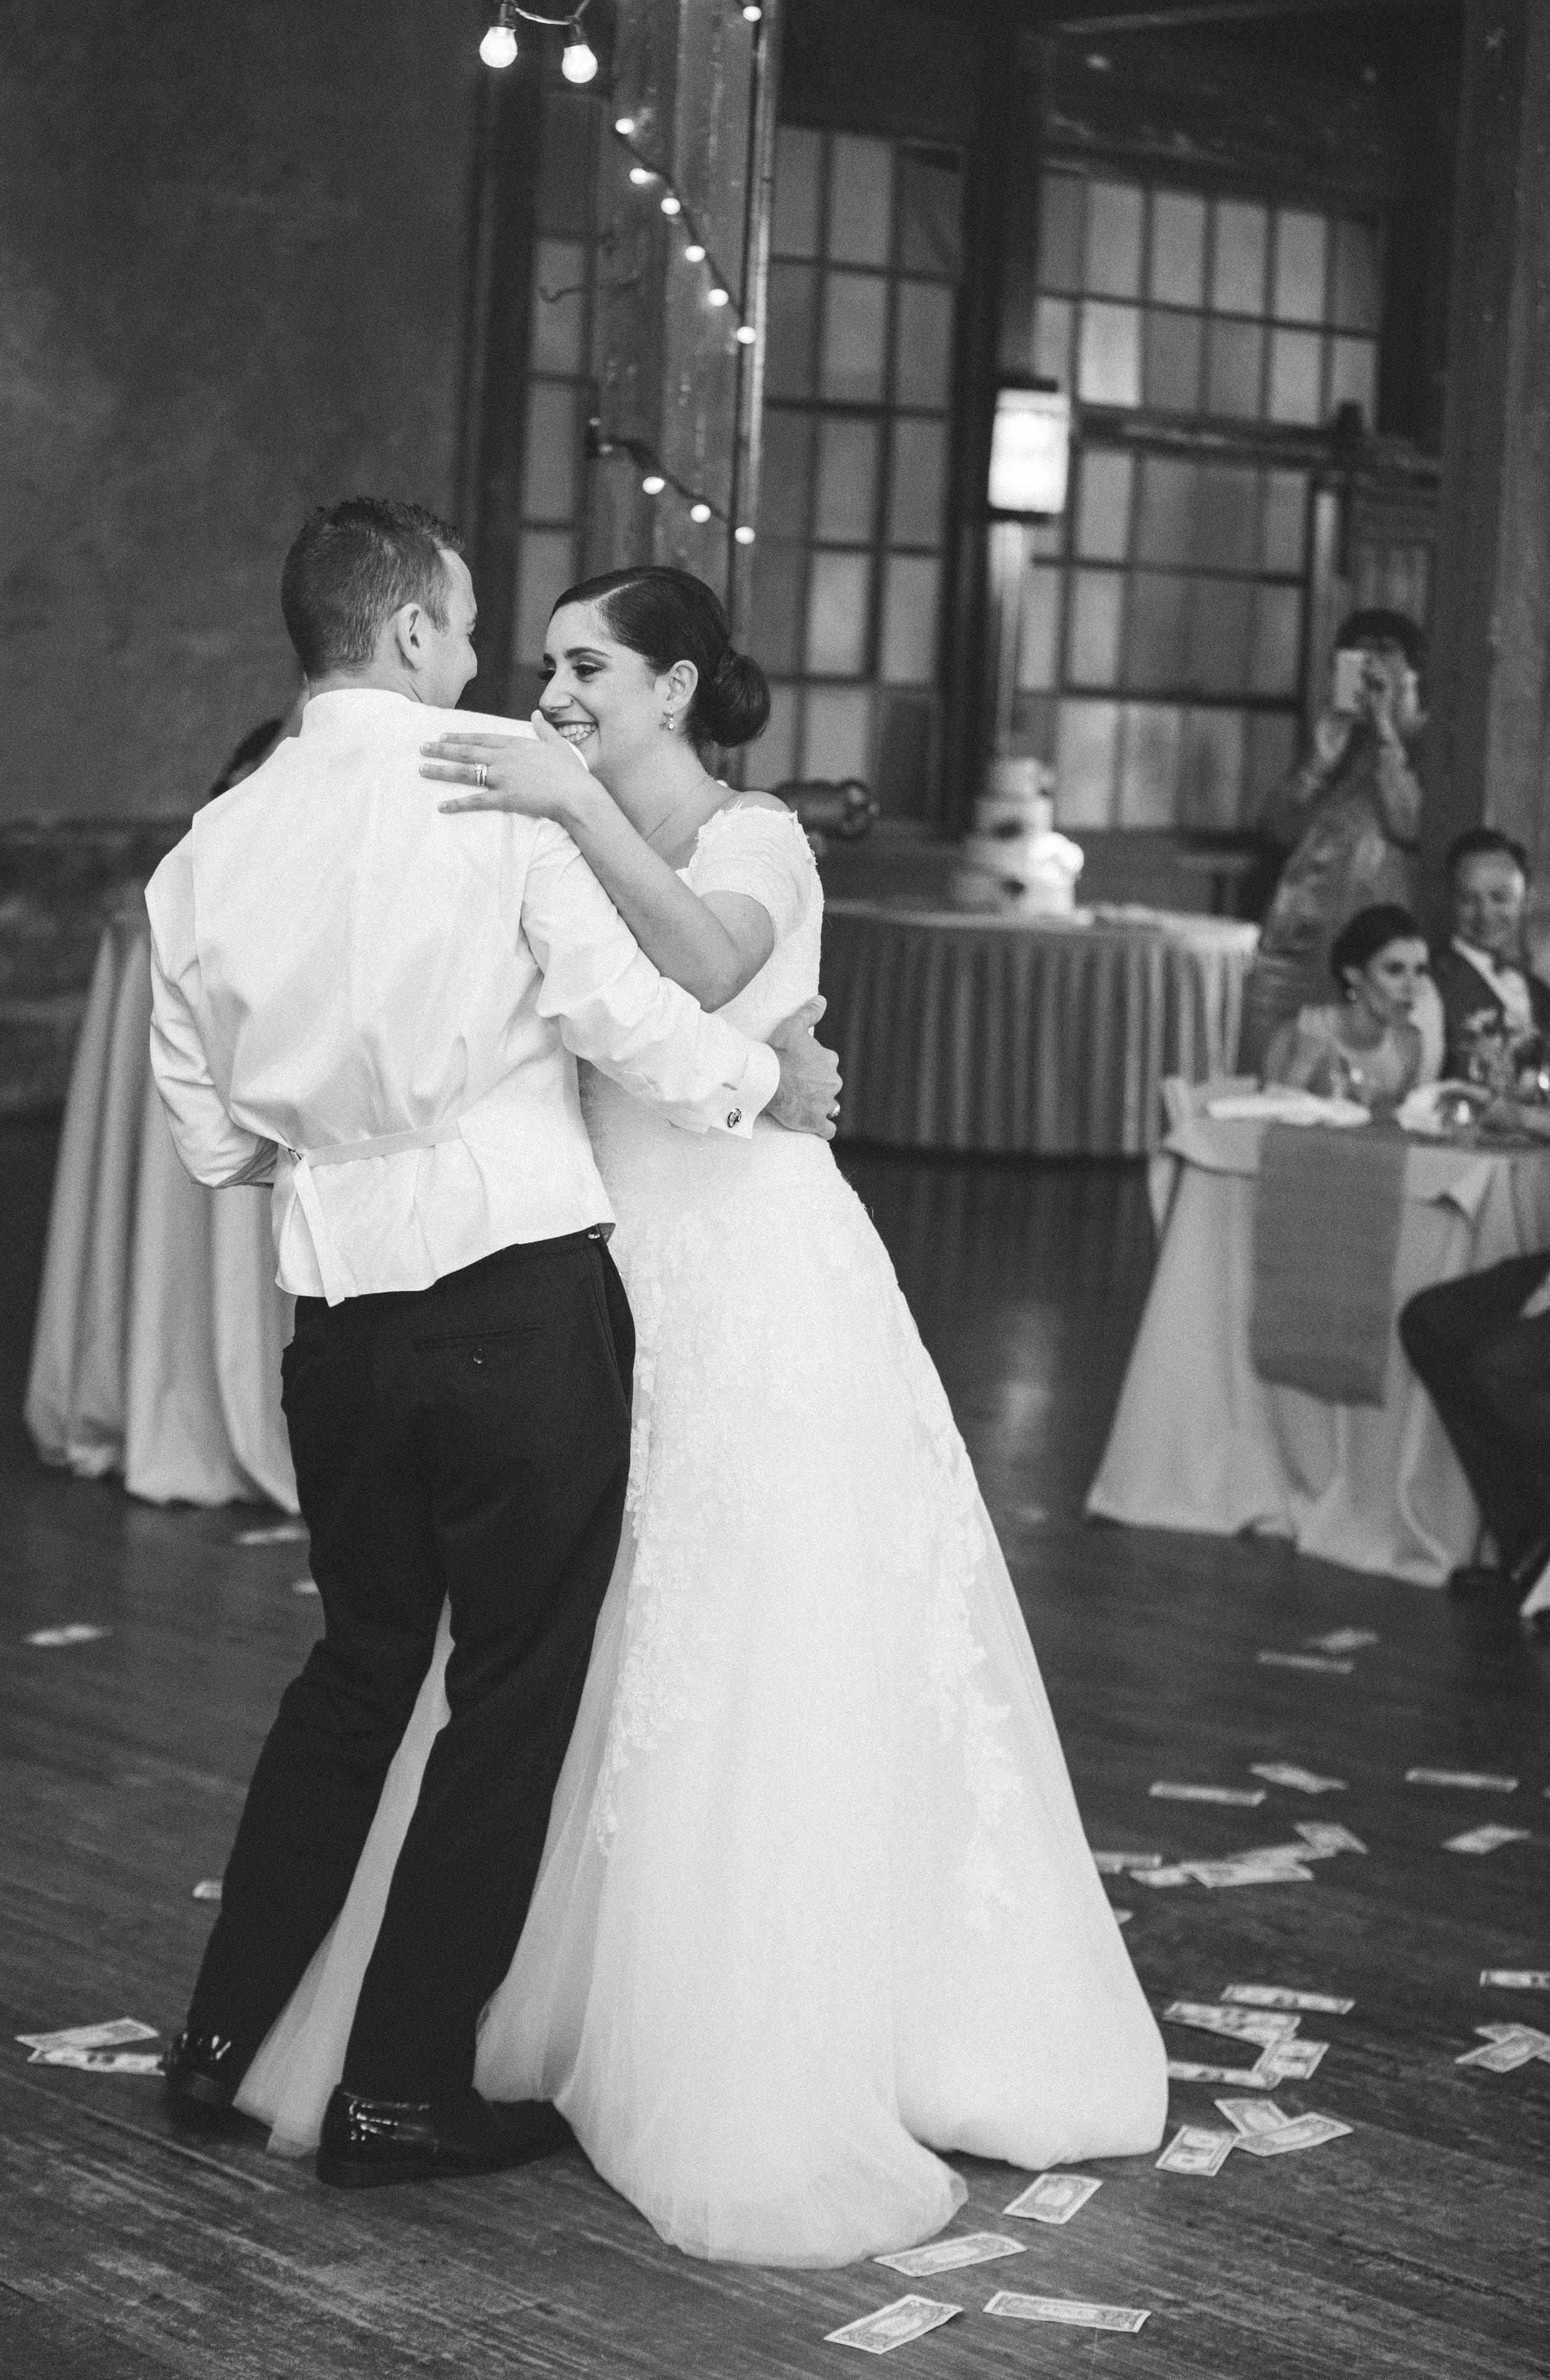 ATGI_Magali & Josh Wedding1__228.jpg